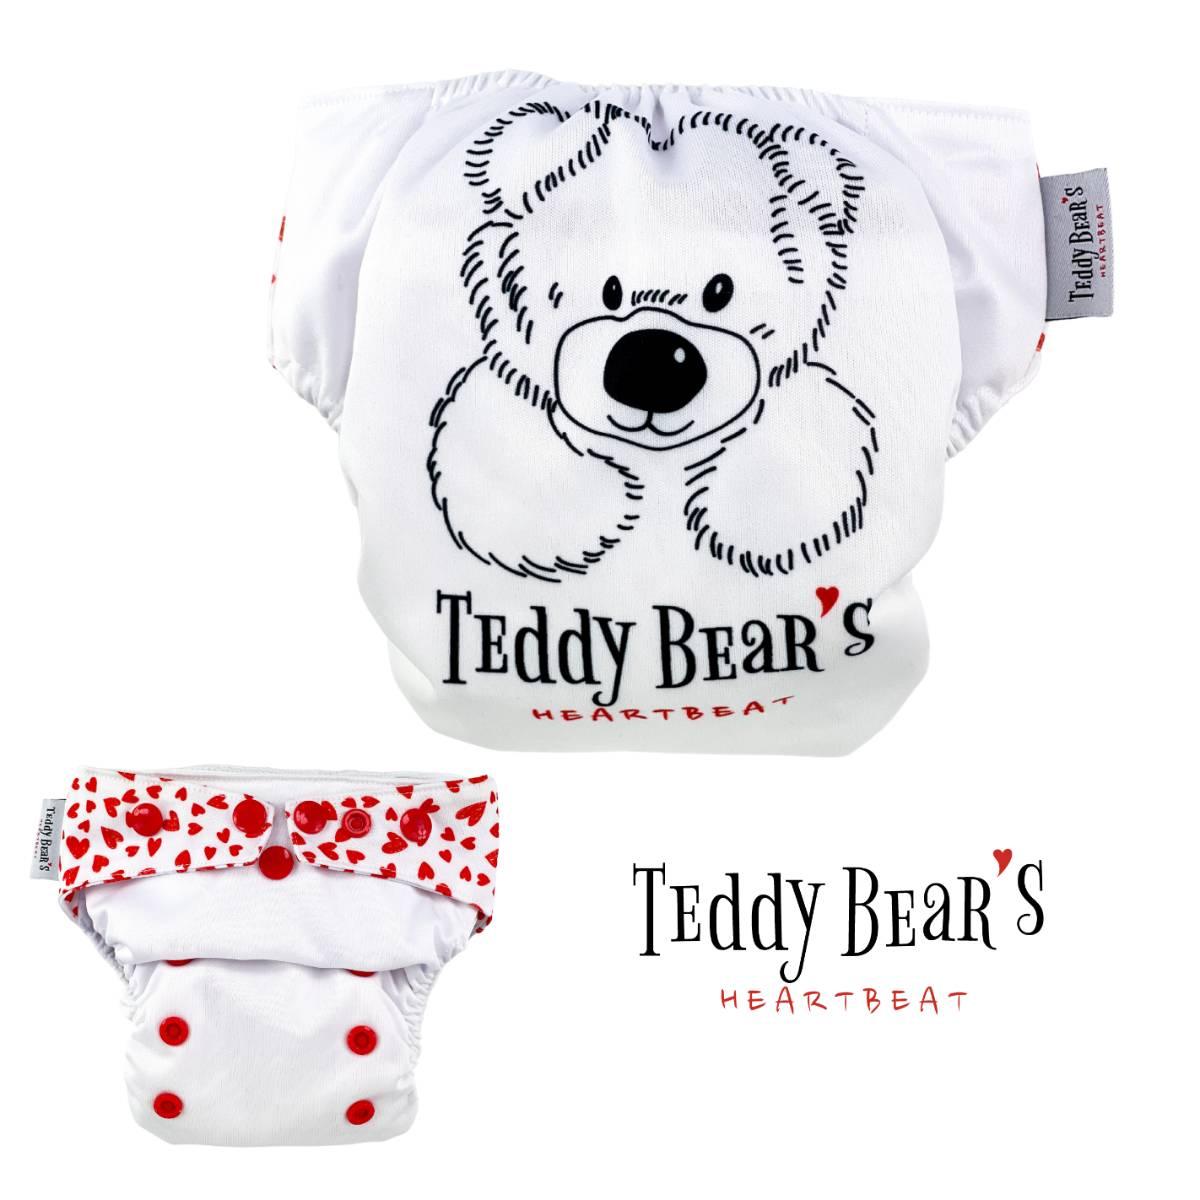 from-love-ergonomisk-toybleie-innlegg-booster-teddy-bears-heartbeat